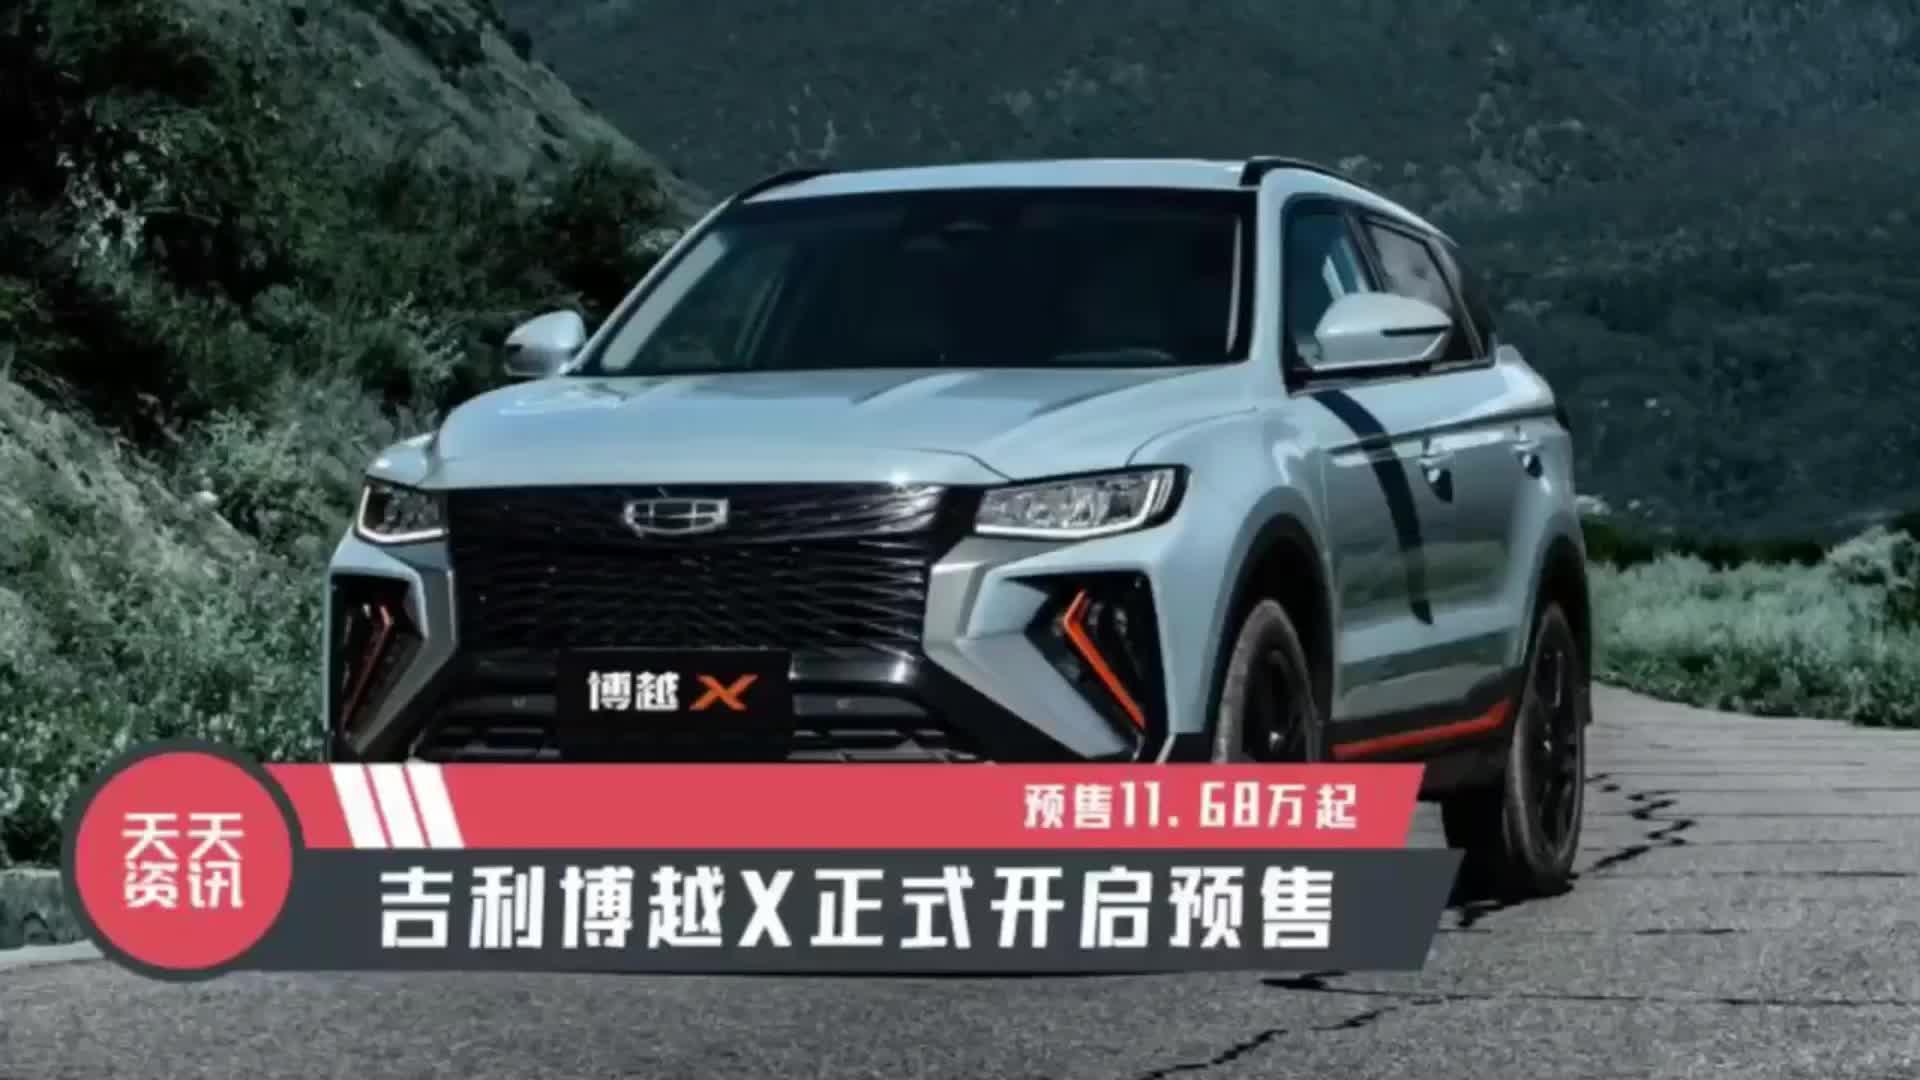 视频:【天天资讯】预售11.68万起,吉利博越X正式开启预售